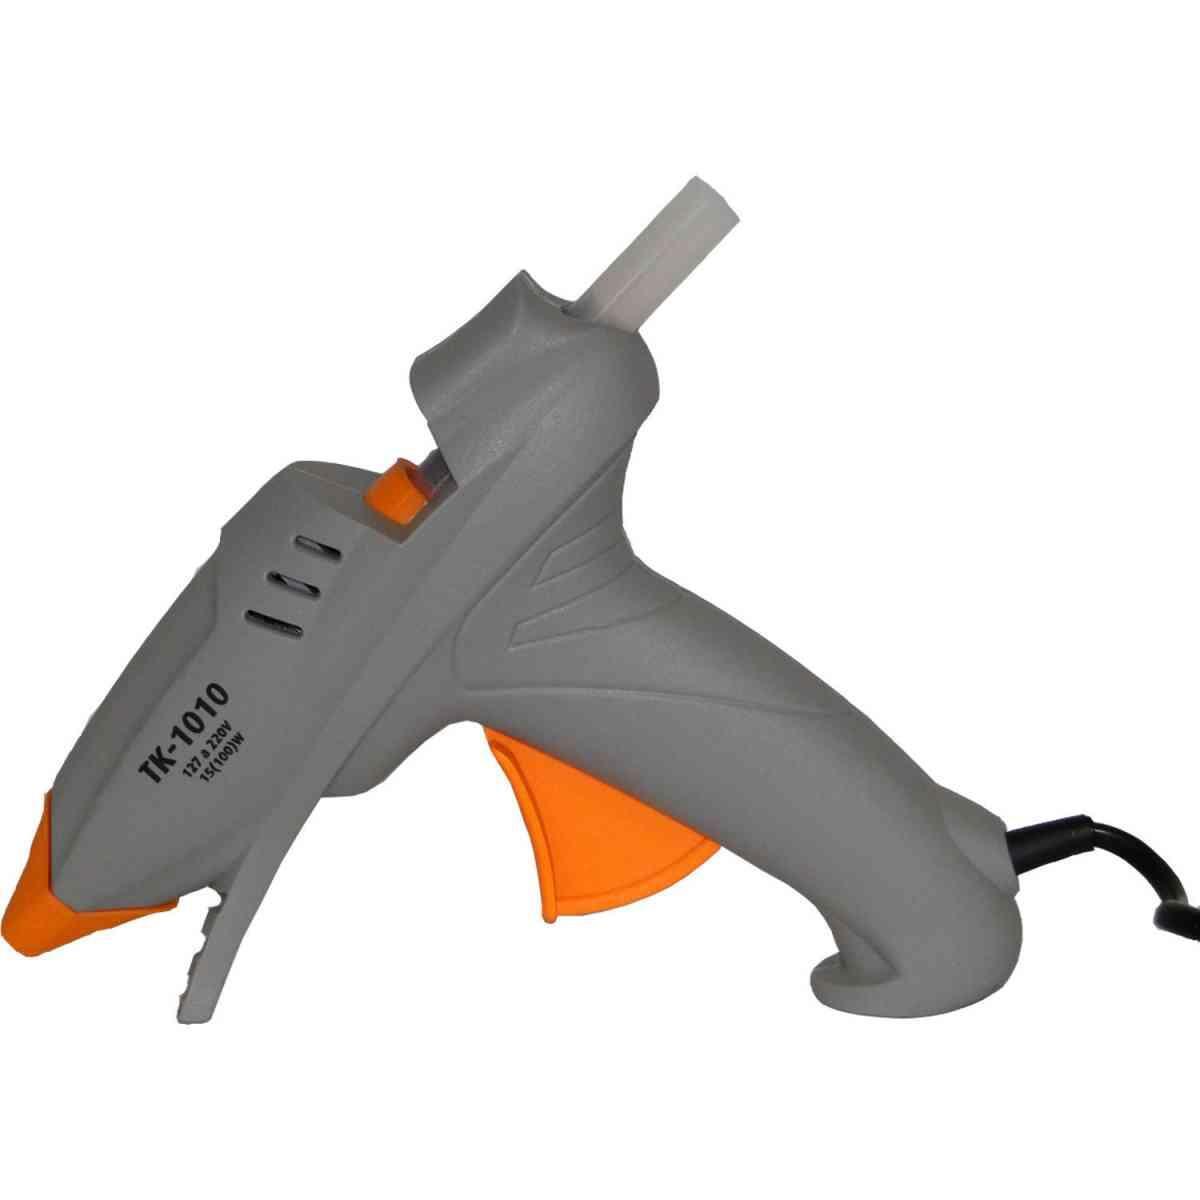 Pistola De Cola Quente TK-1010 Toyo - 15-100 Watts 110/220 Volts